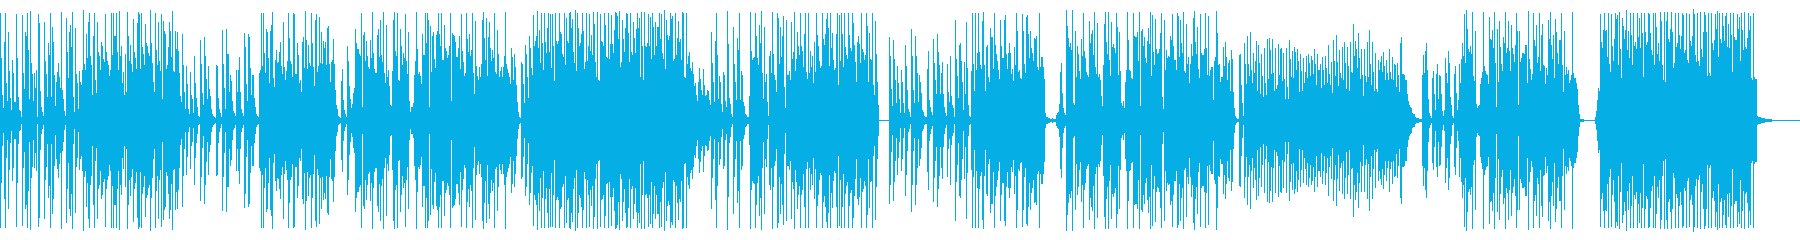 K-POP/ハッピーで可愛いらしいポップの再生済みの波形